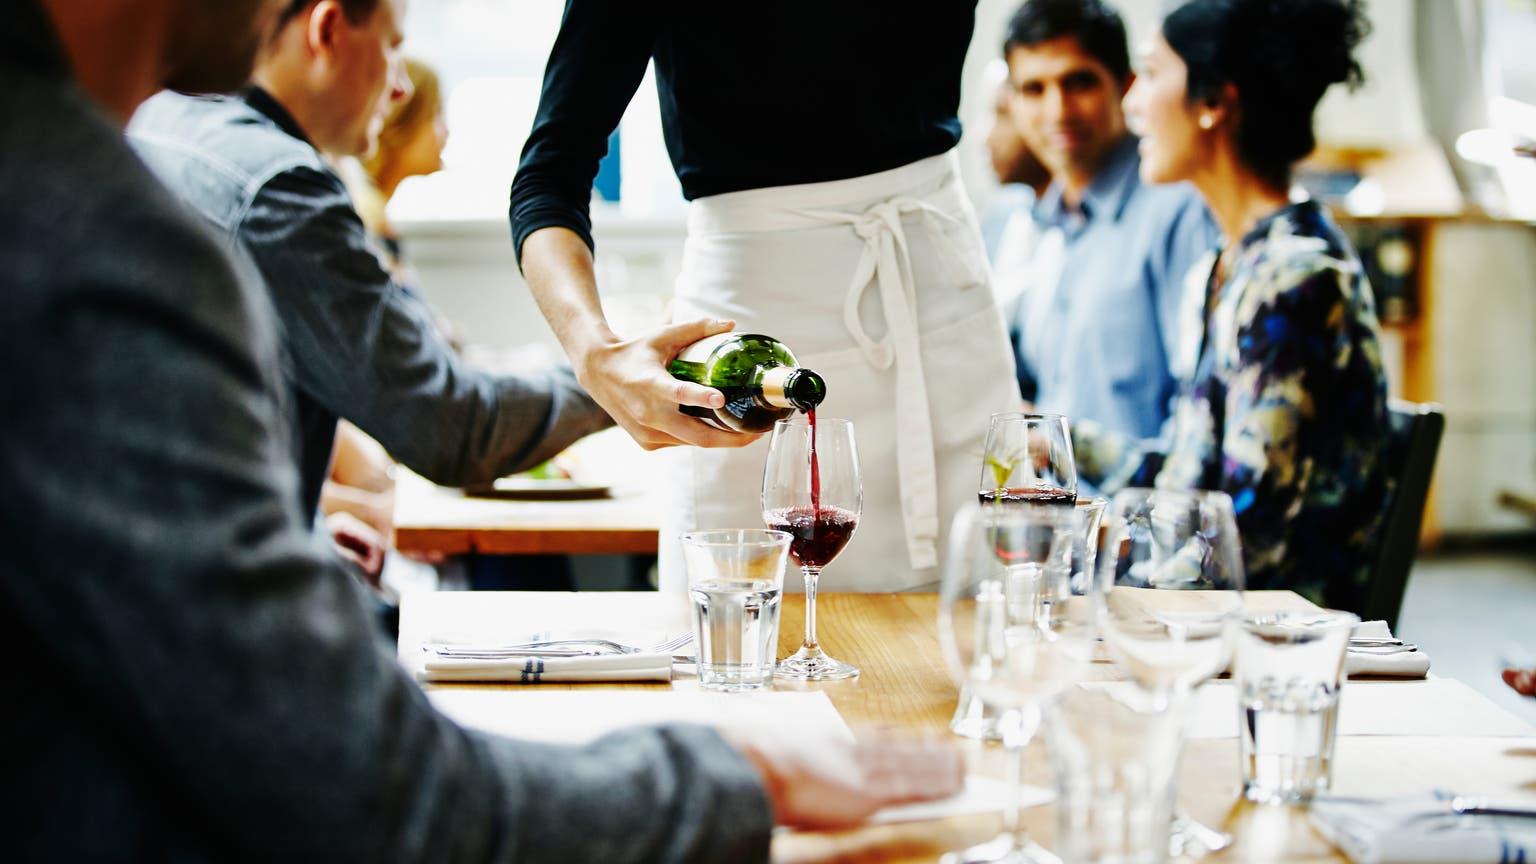 Vergesst Tripadvisor und Co! Die alten, bewährten Gastroführer wie Gault Millau haben eben doch ihren Wert